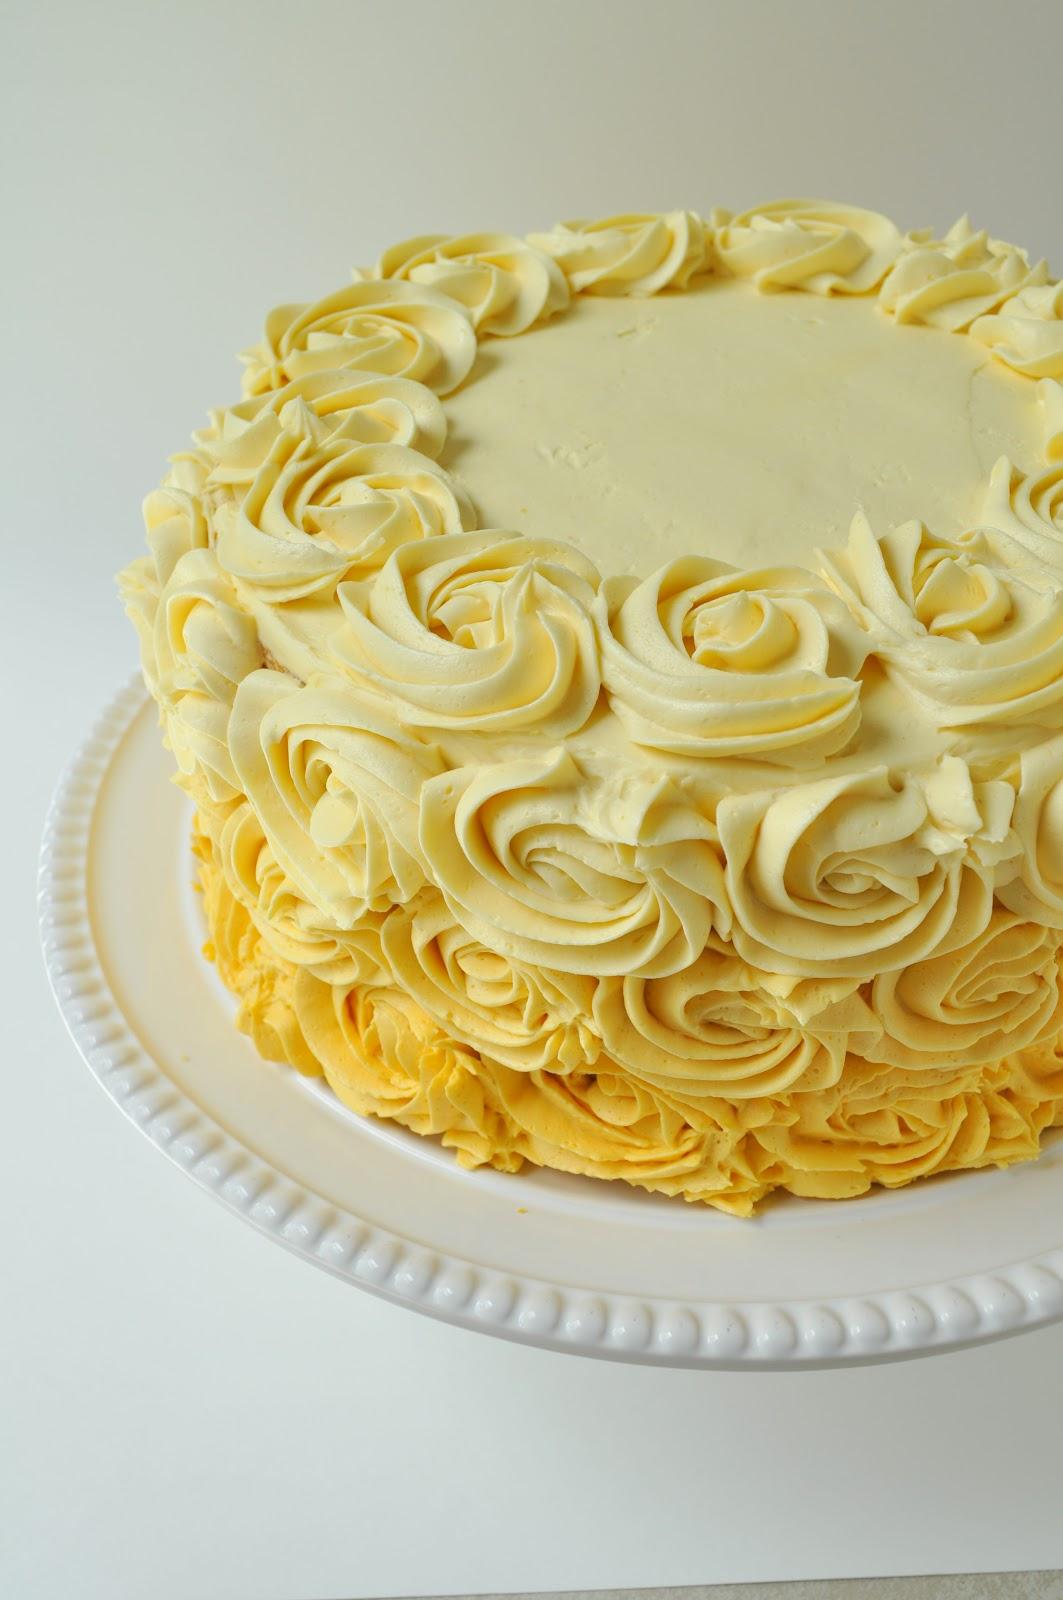 Karens Birthday Cake Do Over Farmgirl Gourmet